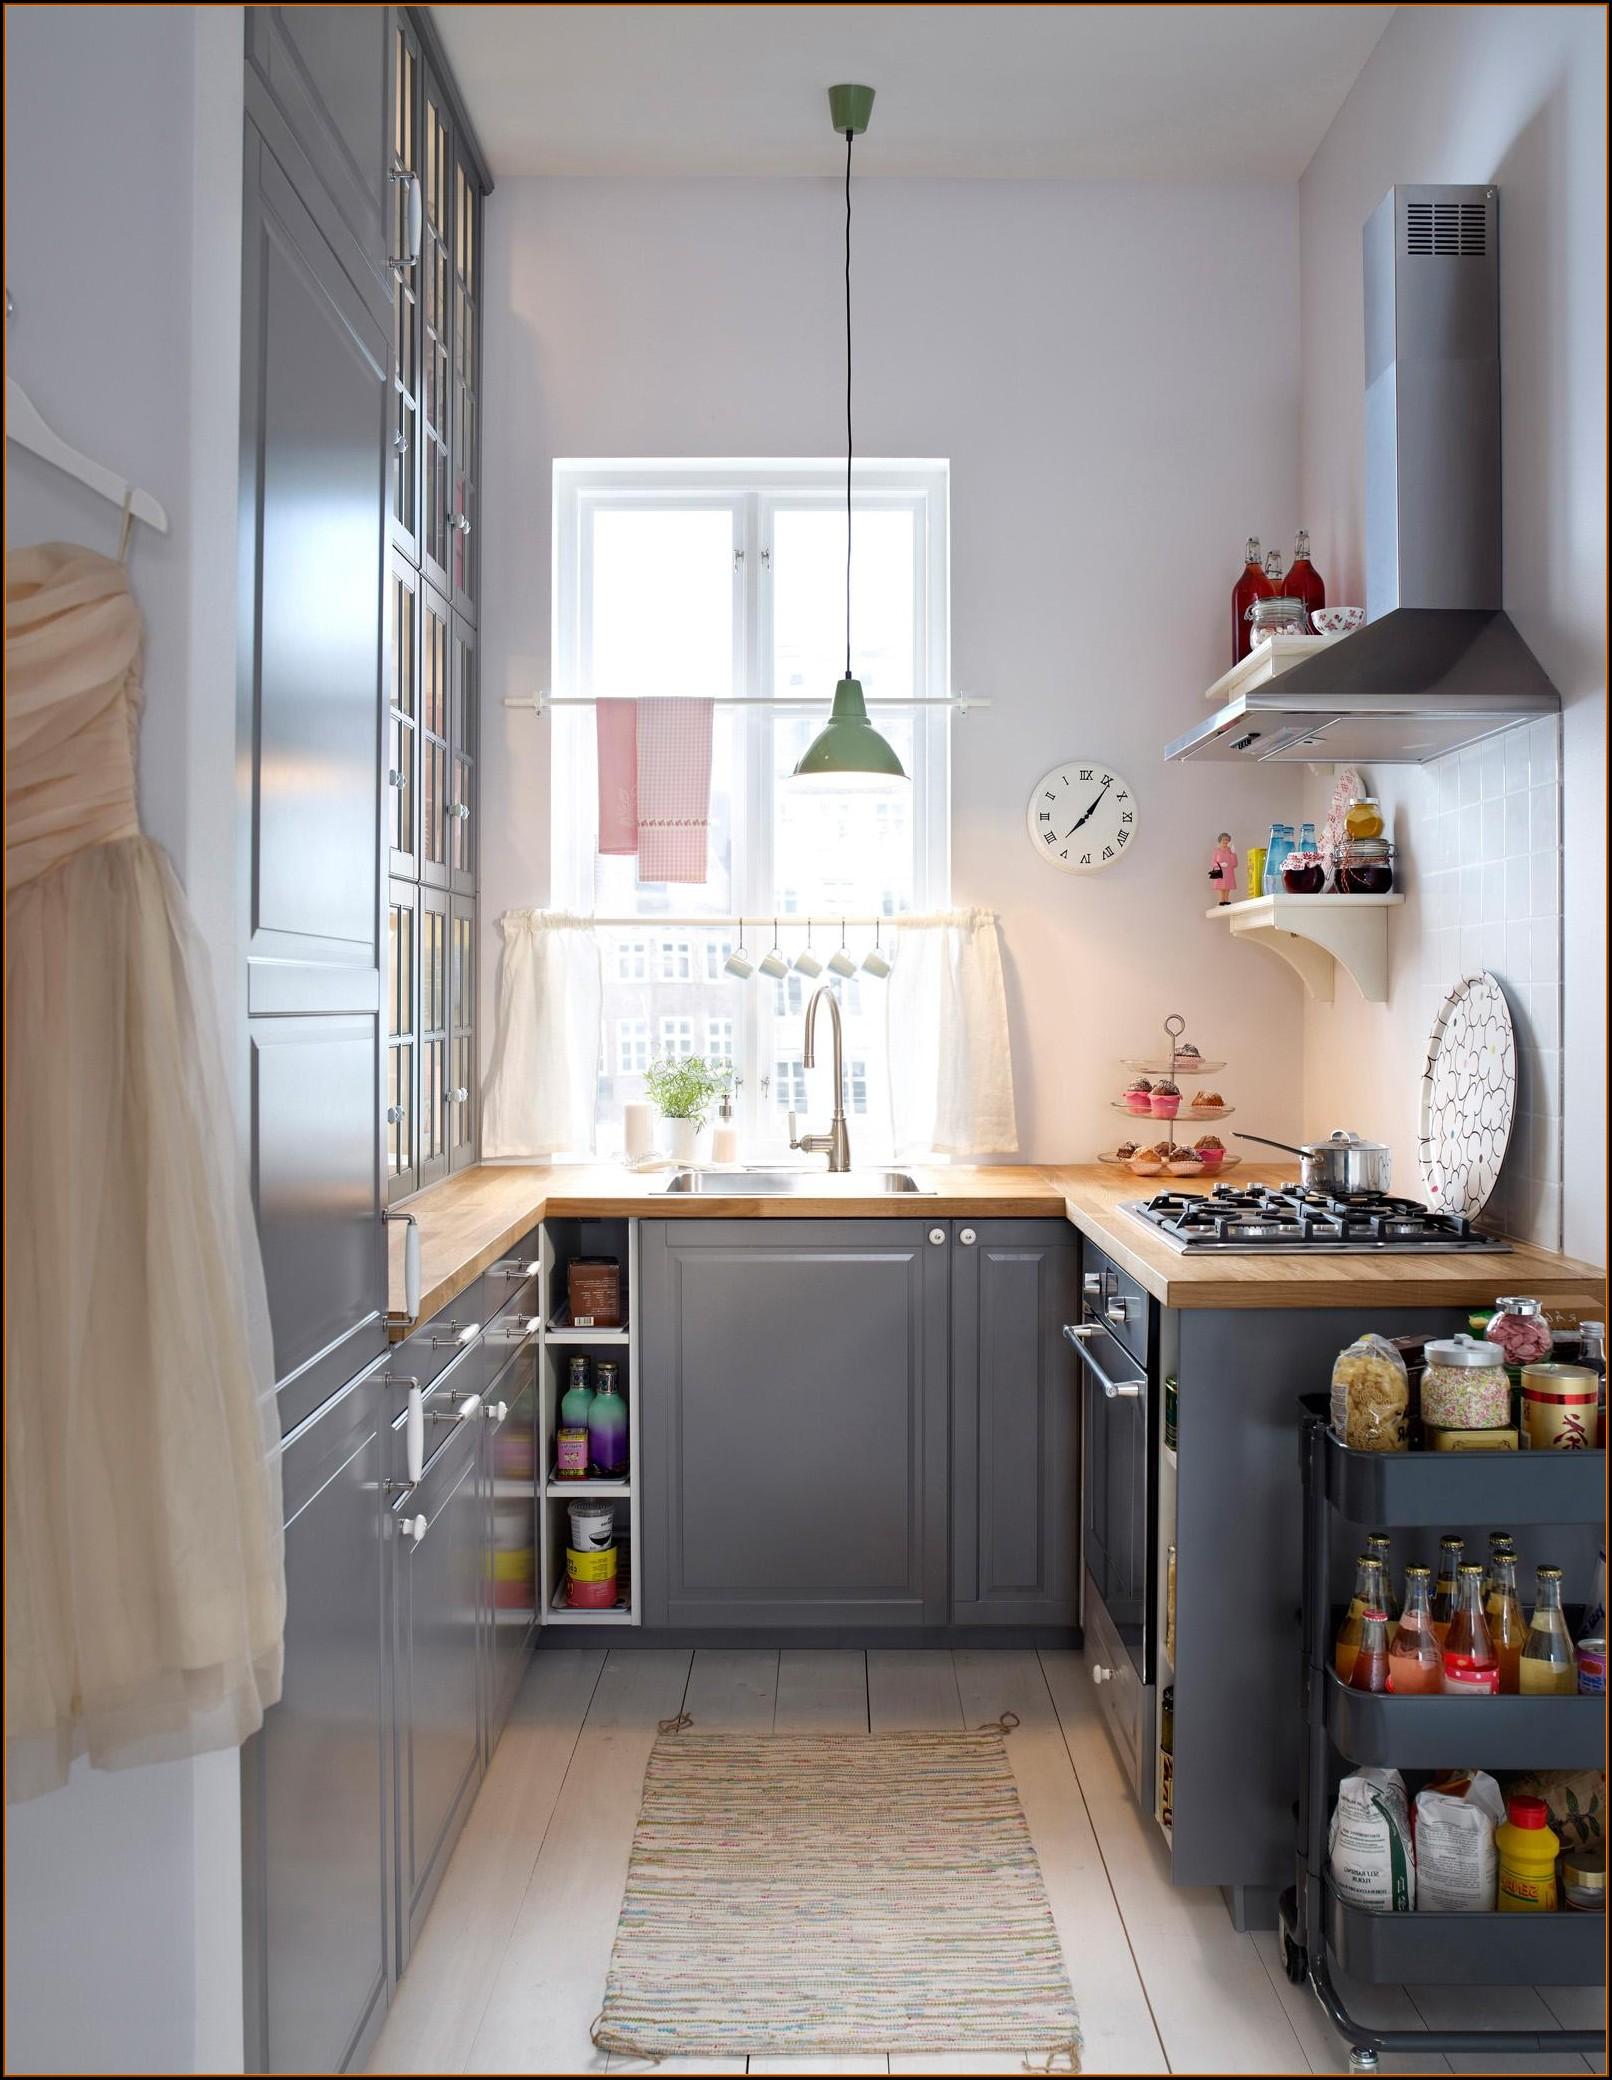 Ideen Kleine Küche Aufbewahrung - Küche : House und Dekor ...